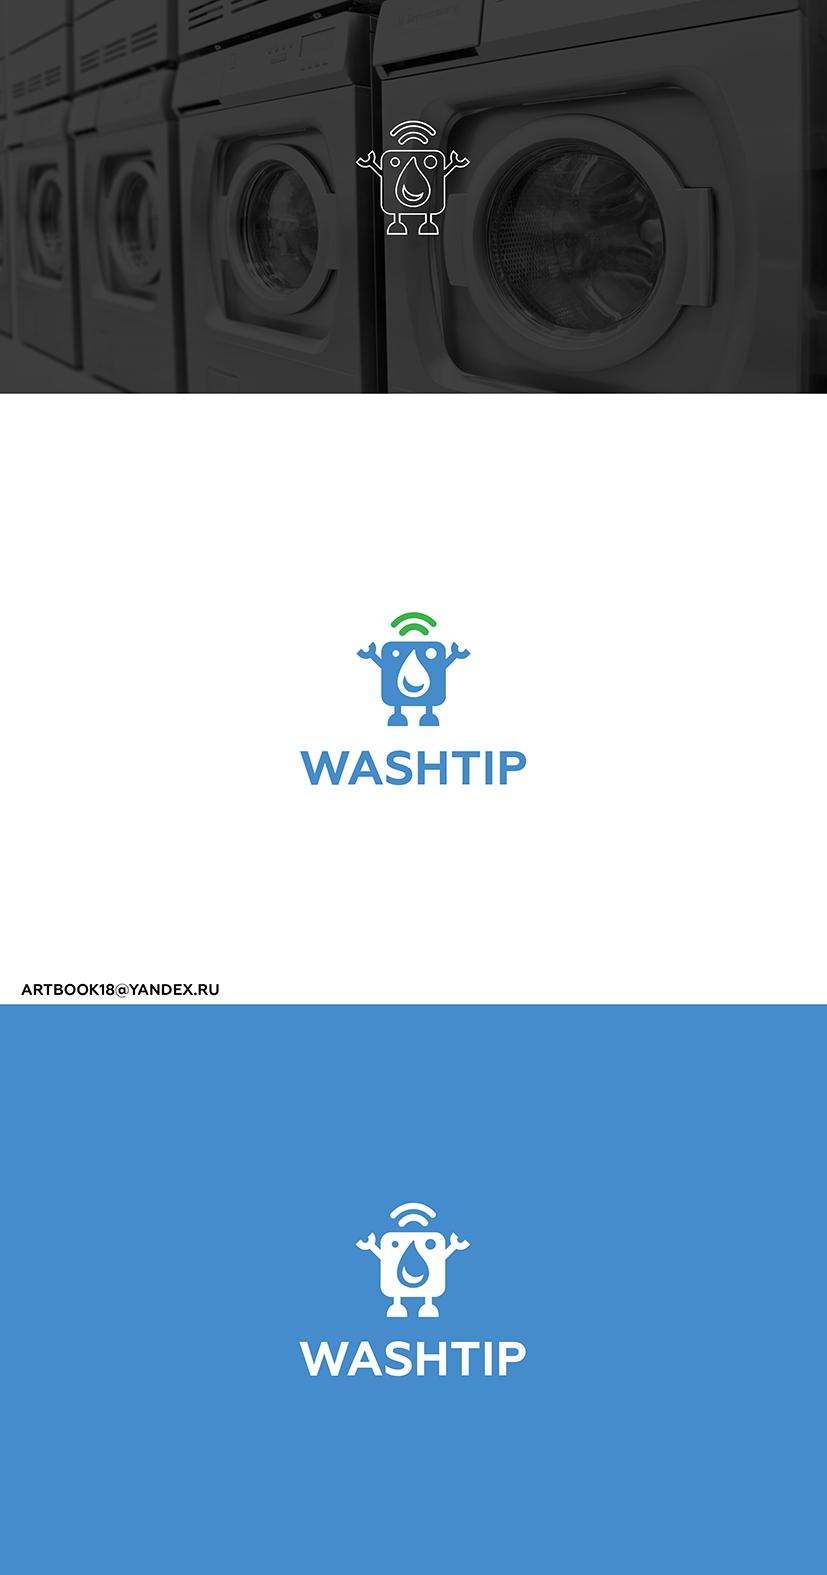 Разработка логотипа для онлайн-сервиса химчистки фото f_0305c0d592f047ea.jpg